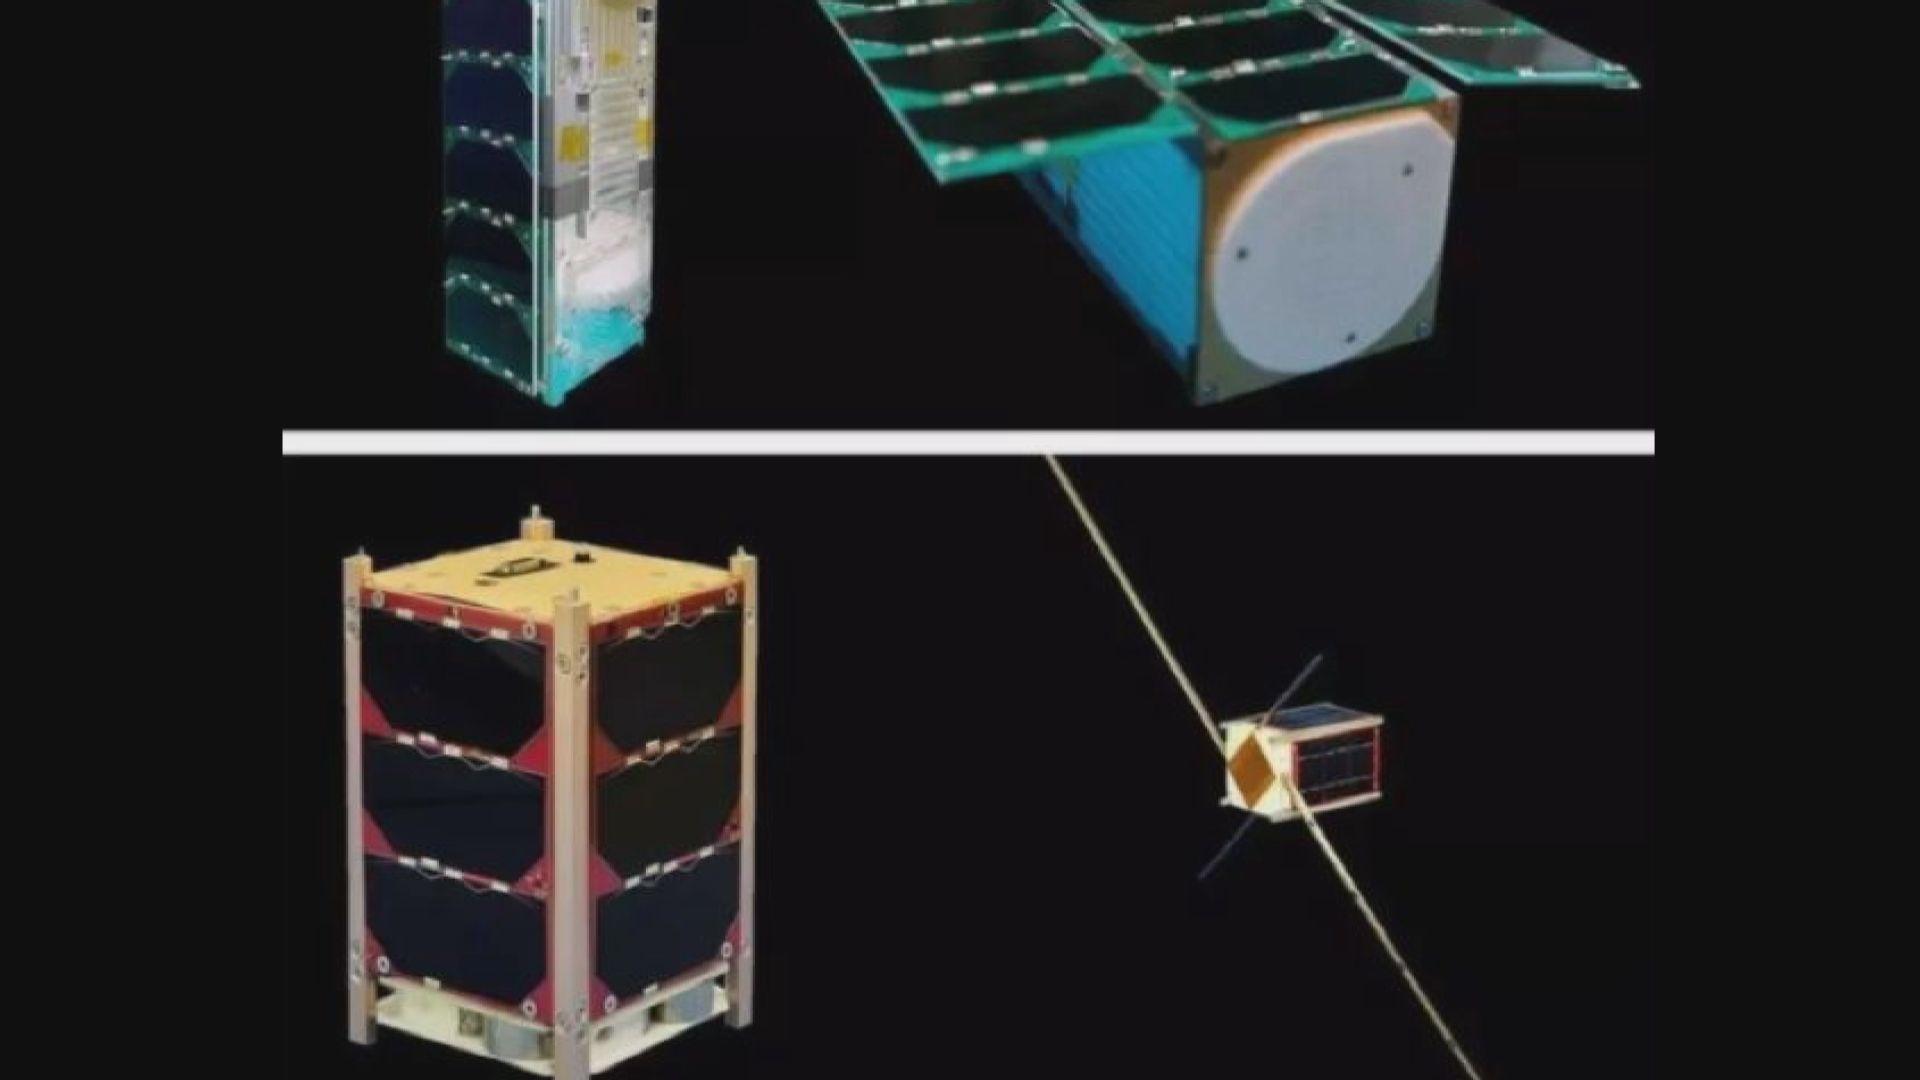 兩顆台灣衛星升空 惟過通訊時間仍未能聯絡